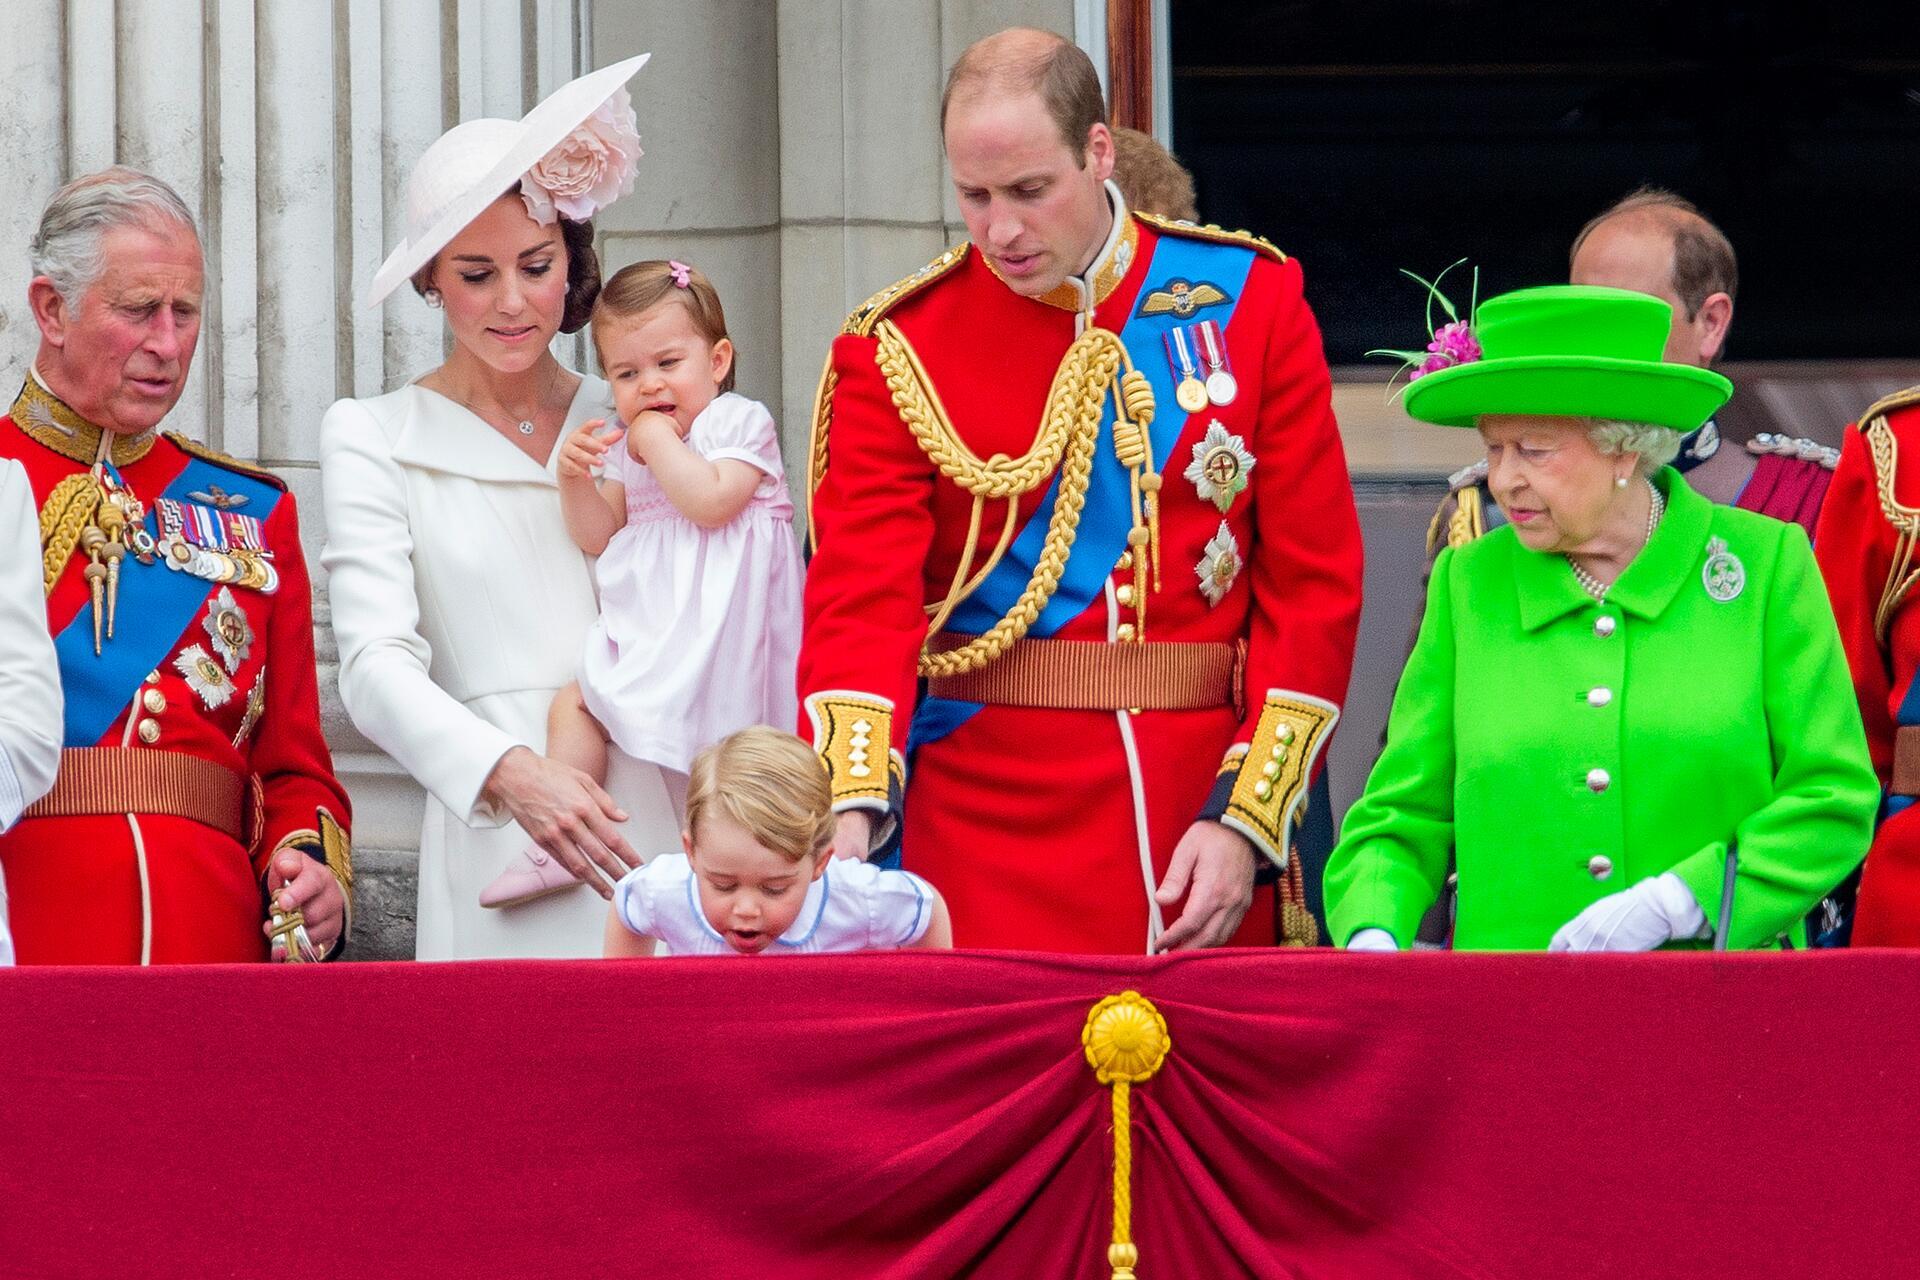 Bild zu Prinz Charles, Prinz William, Herzogin Kate, Prinz George, Prinzessin Charlotte, Queen Elisabeth II